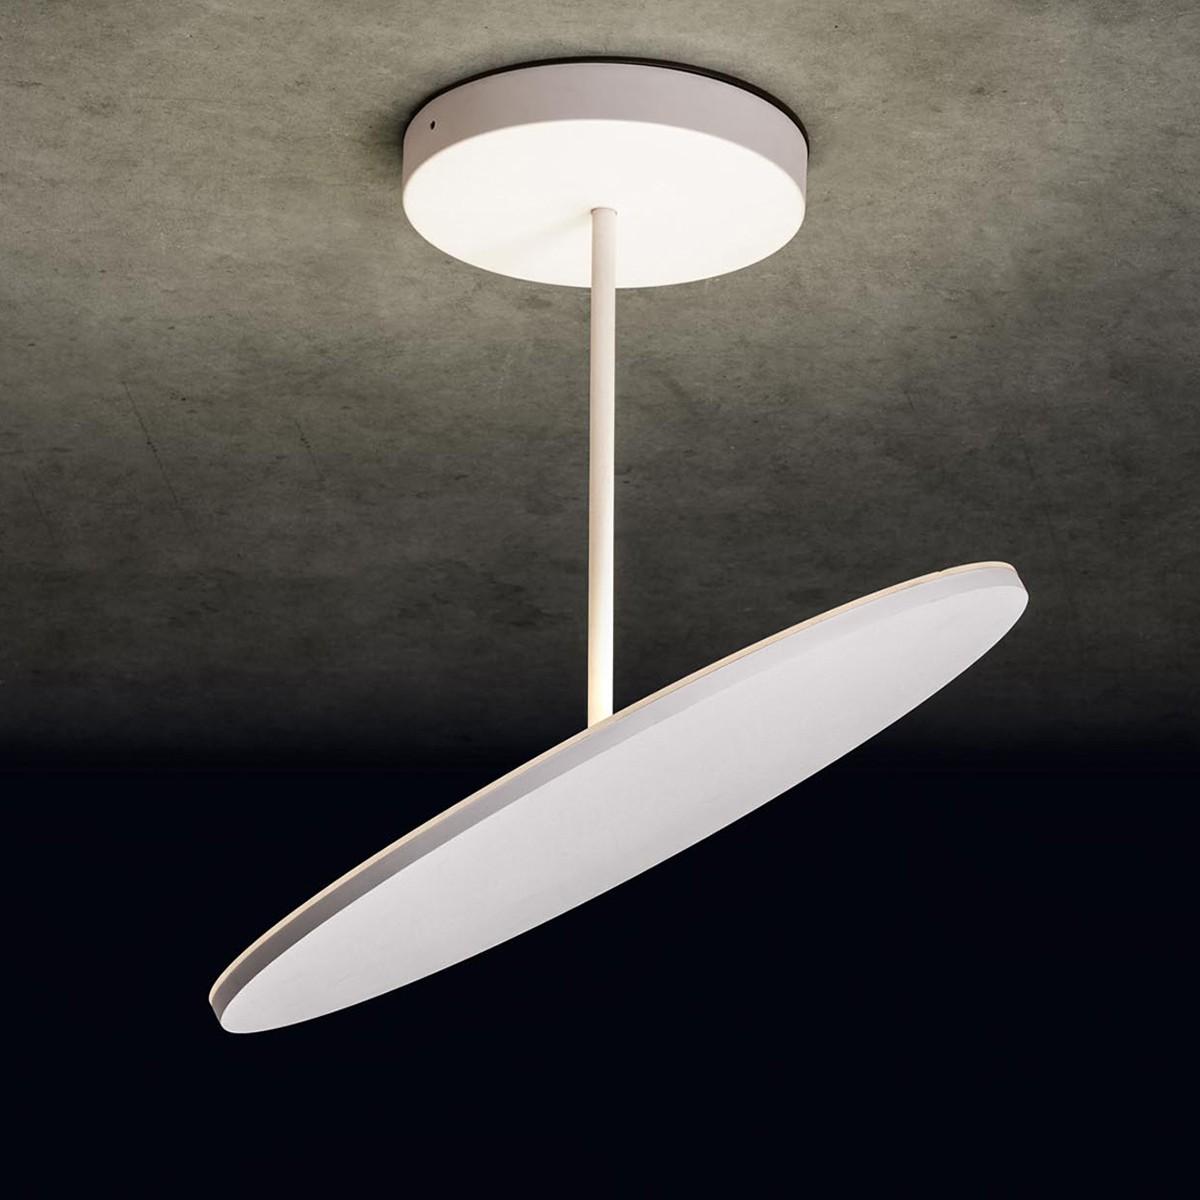 Holtkötter Leuchten Plano XL LED Deckenleuchte, Strukturweiß